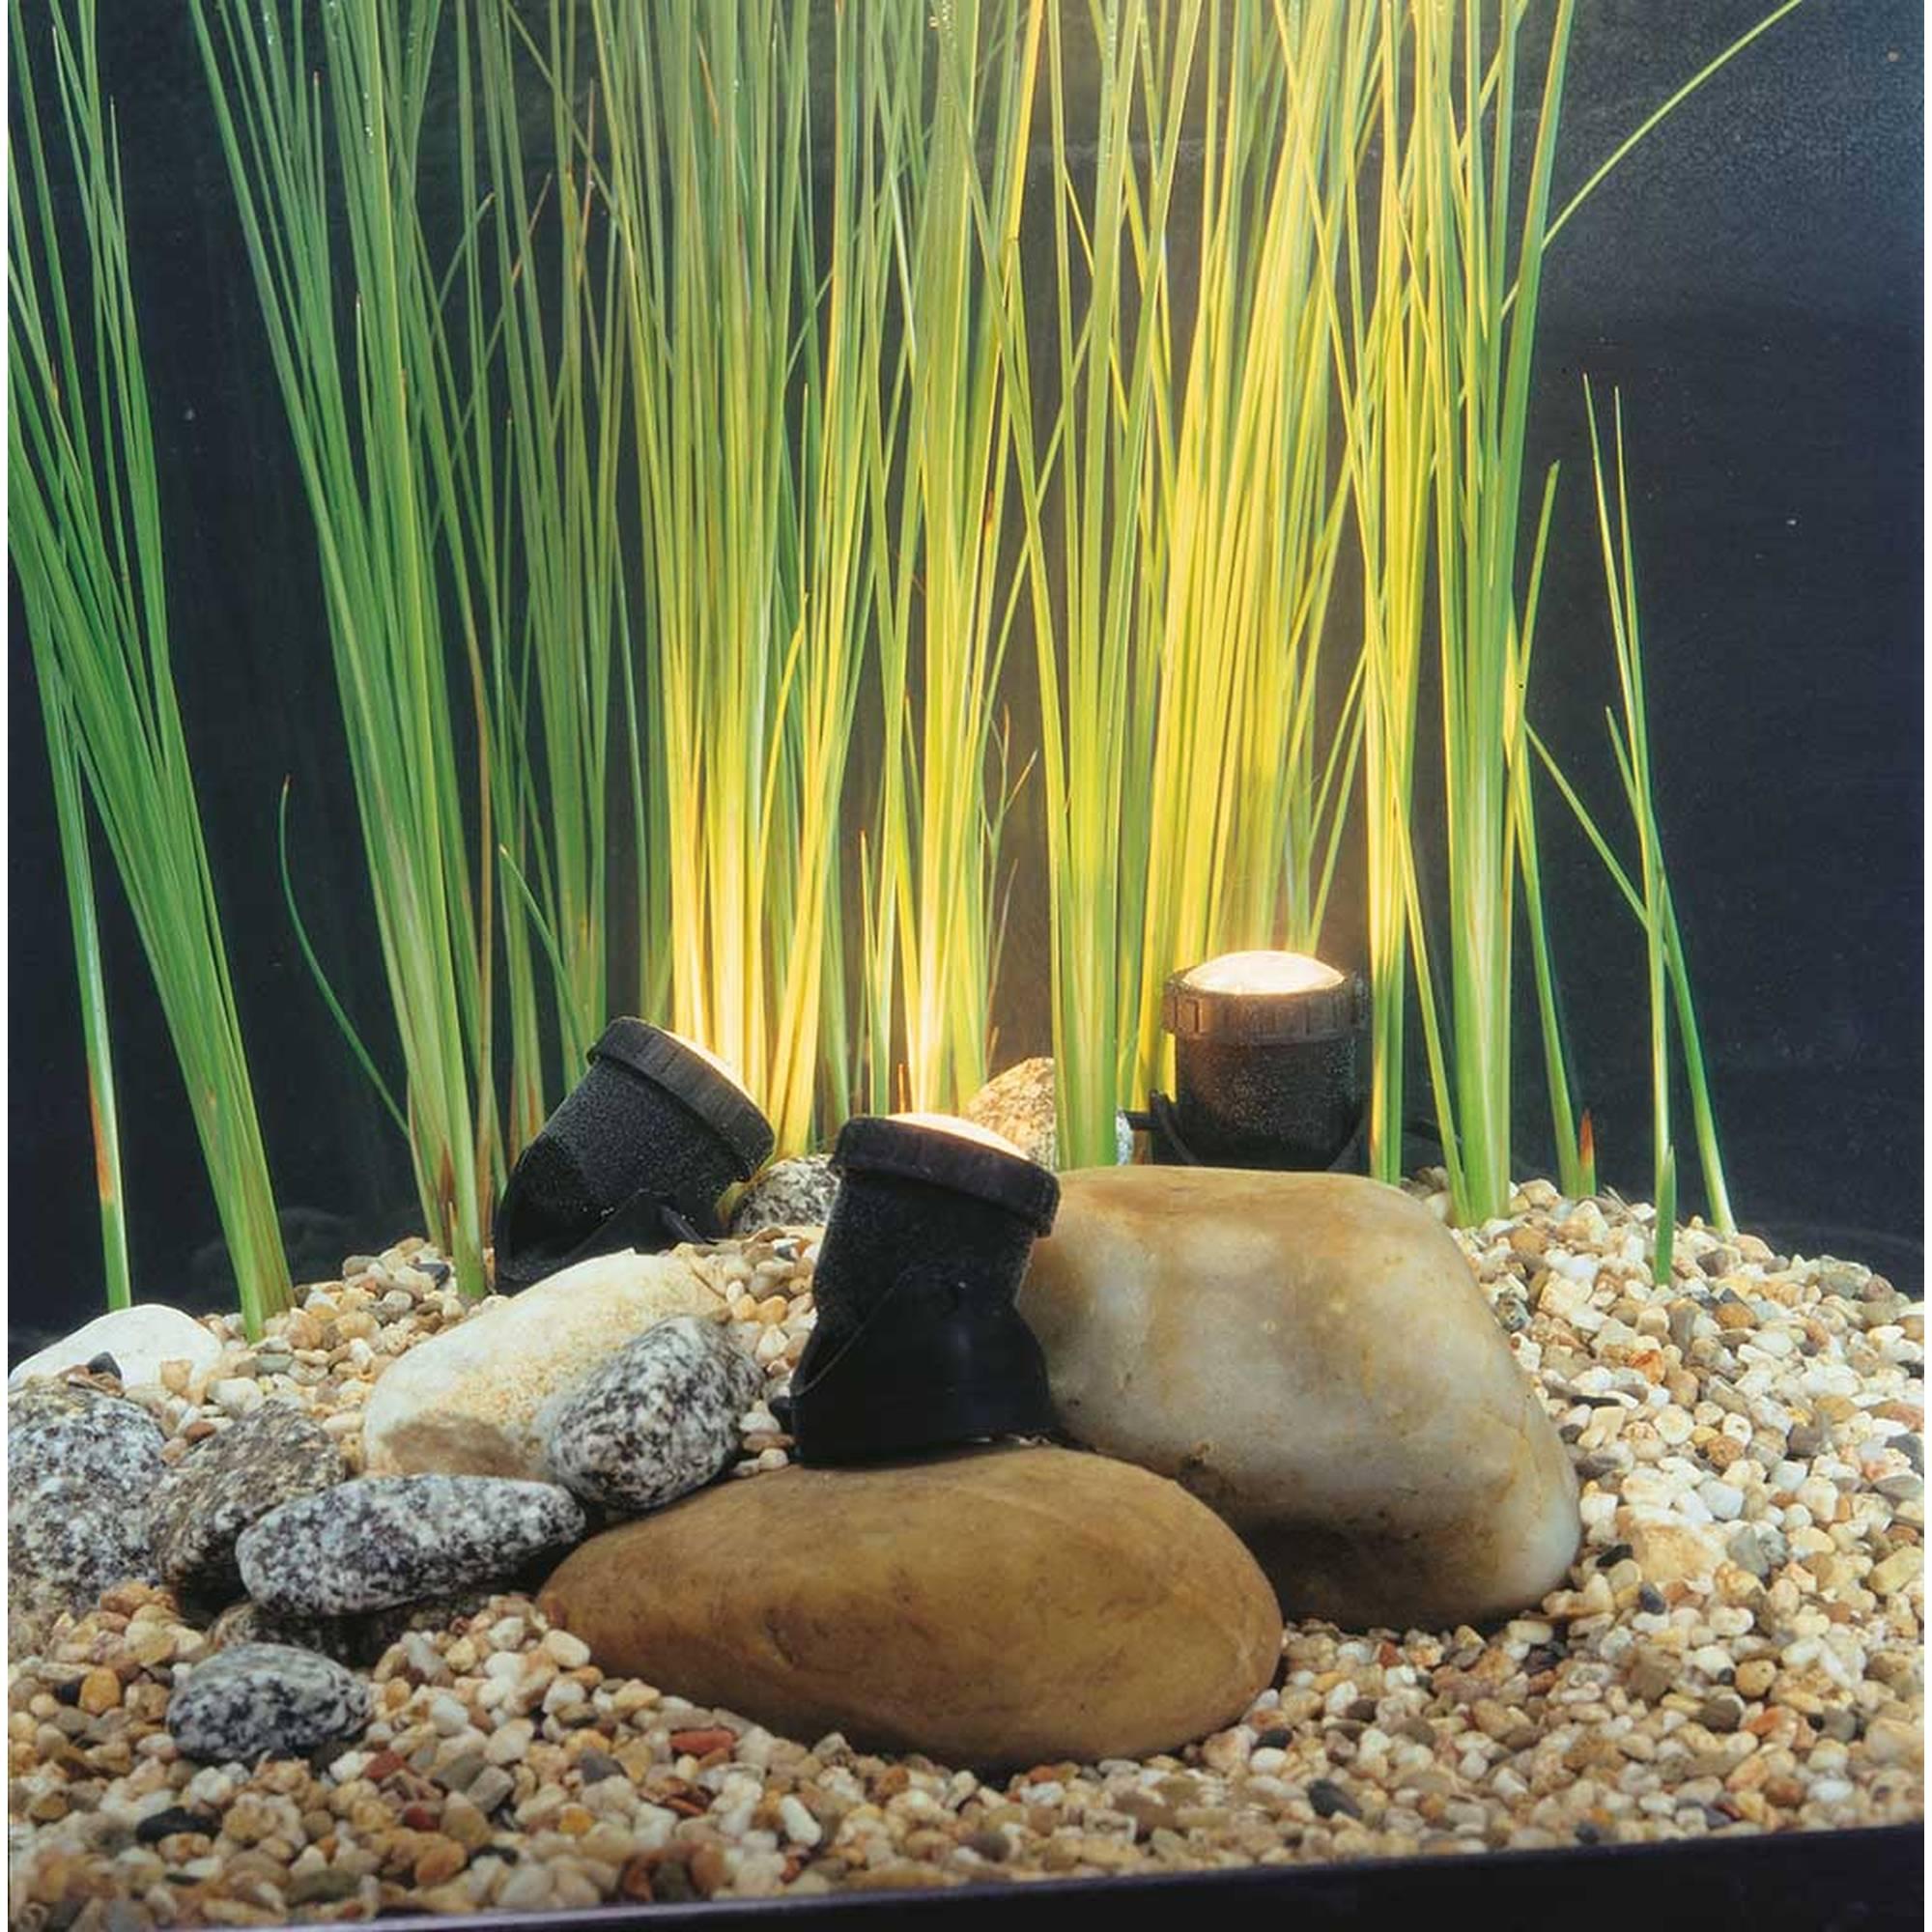 Teichlicht 3er Spot LED Gartenlicht Beleuchtung von Heissner